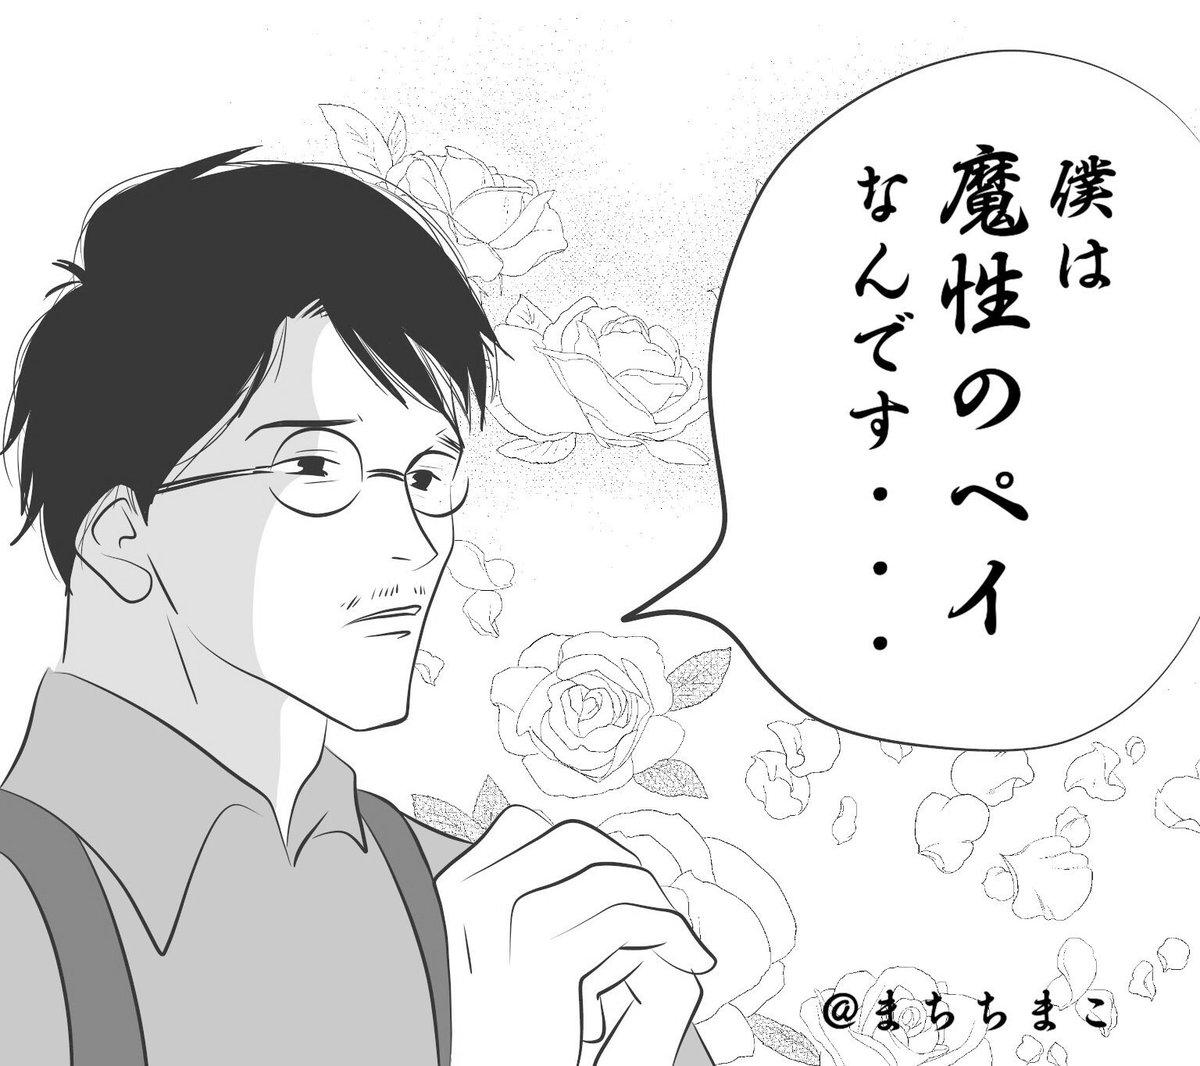 マチチマコ's photo on 真一さん